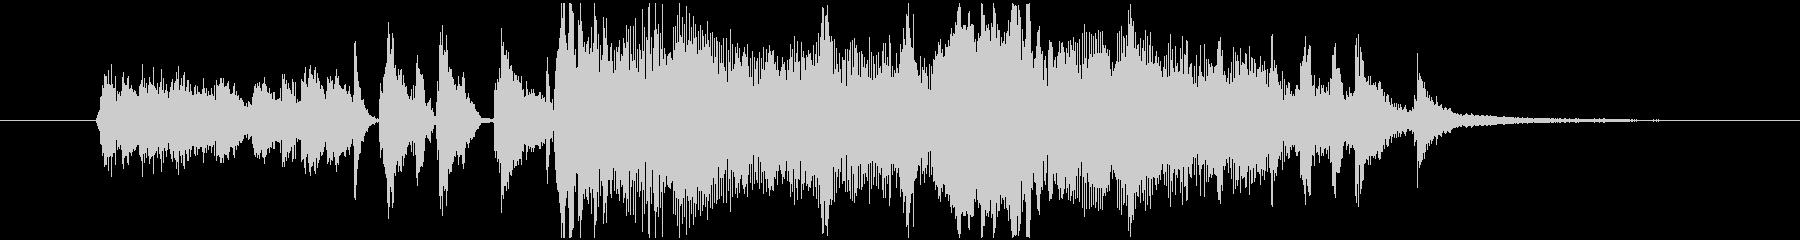 レトロサウンドのジングルの未再生の波形